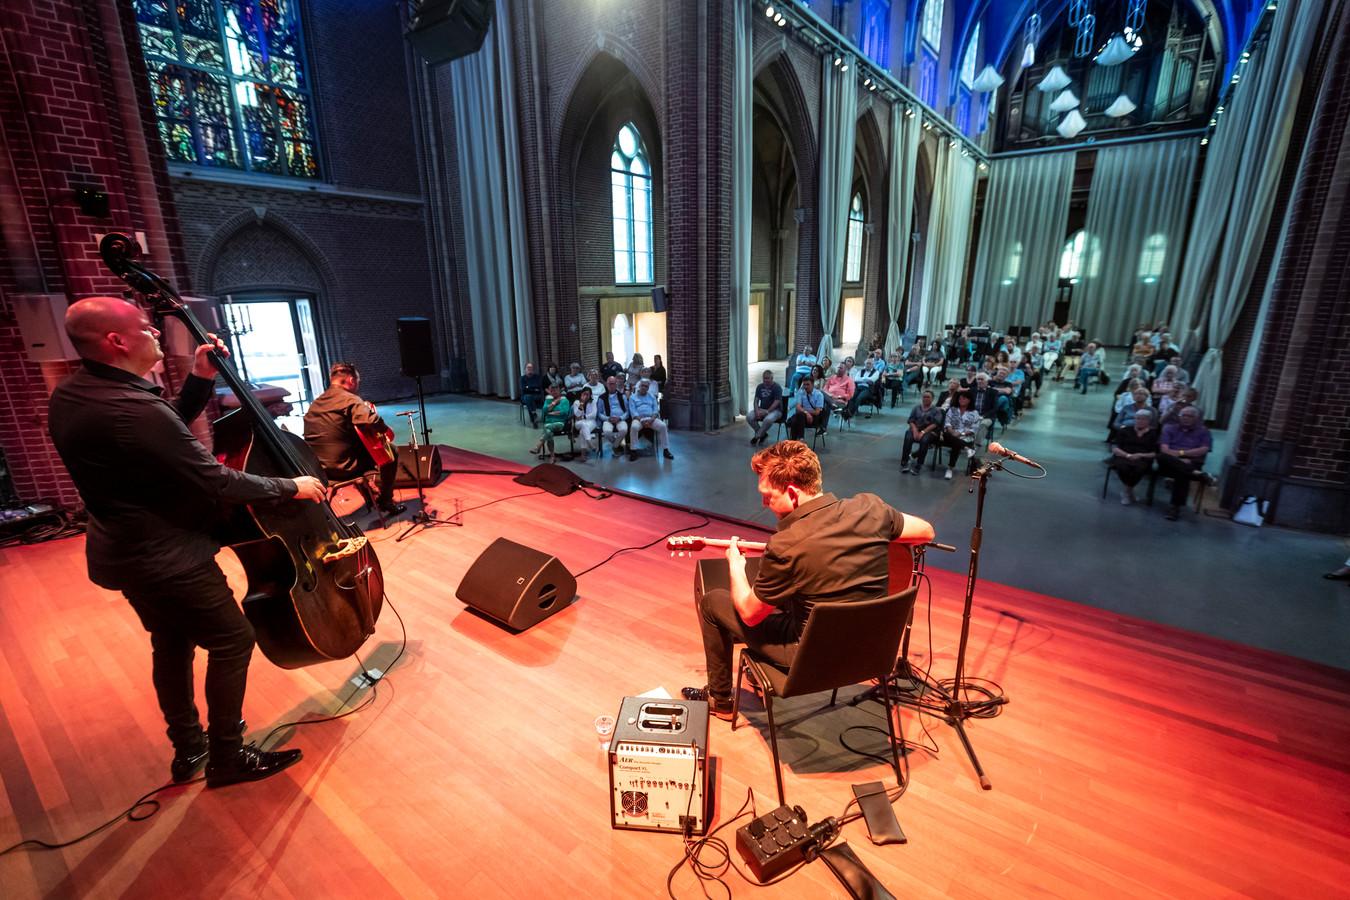 Op zoek naar bevrediging tijdens een optreden, bijvoorbeeld van The Rosenbergs in de voormalige Paterskerk in Eindhoven in juli 2020. Foto ter illustratie